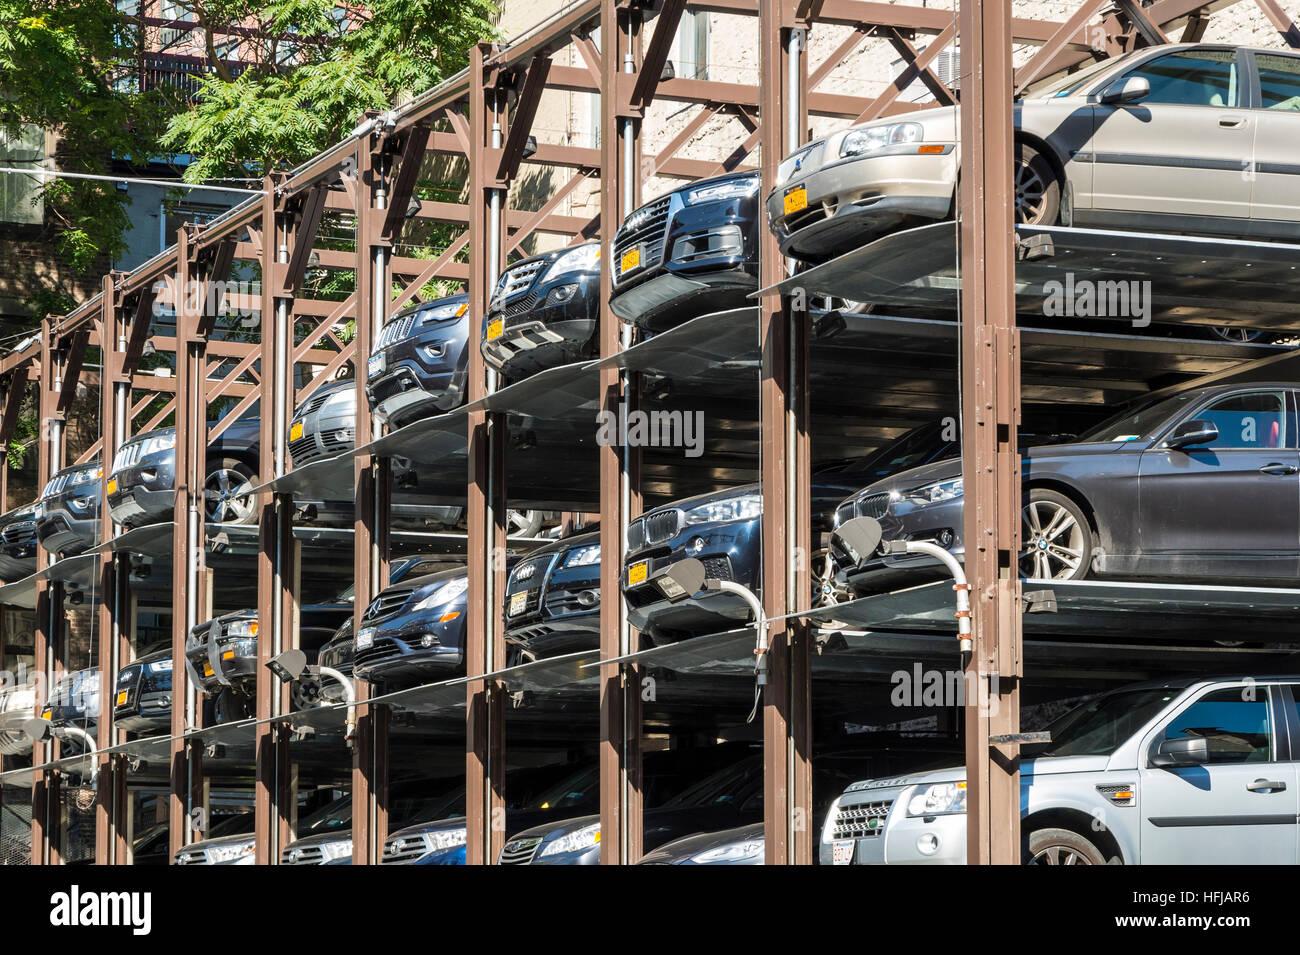 Mecánica vertical aparcamiento apilados en Nueva York, EE.UU. Imagen De Stock